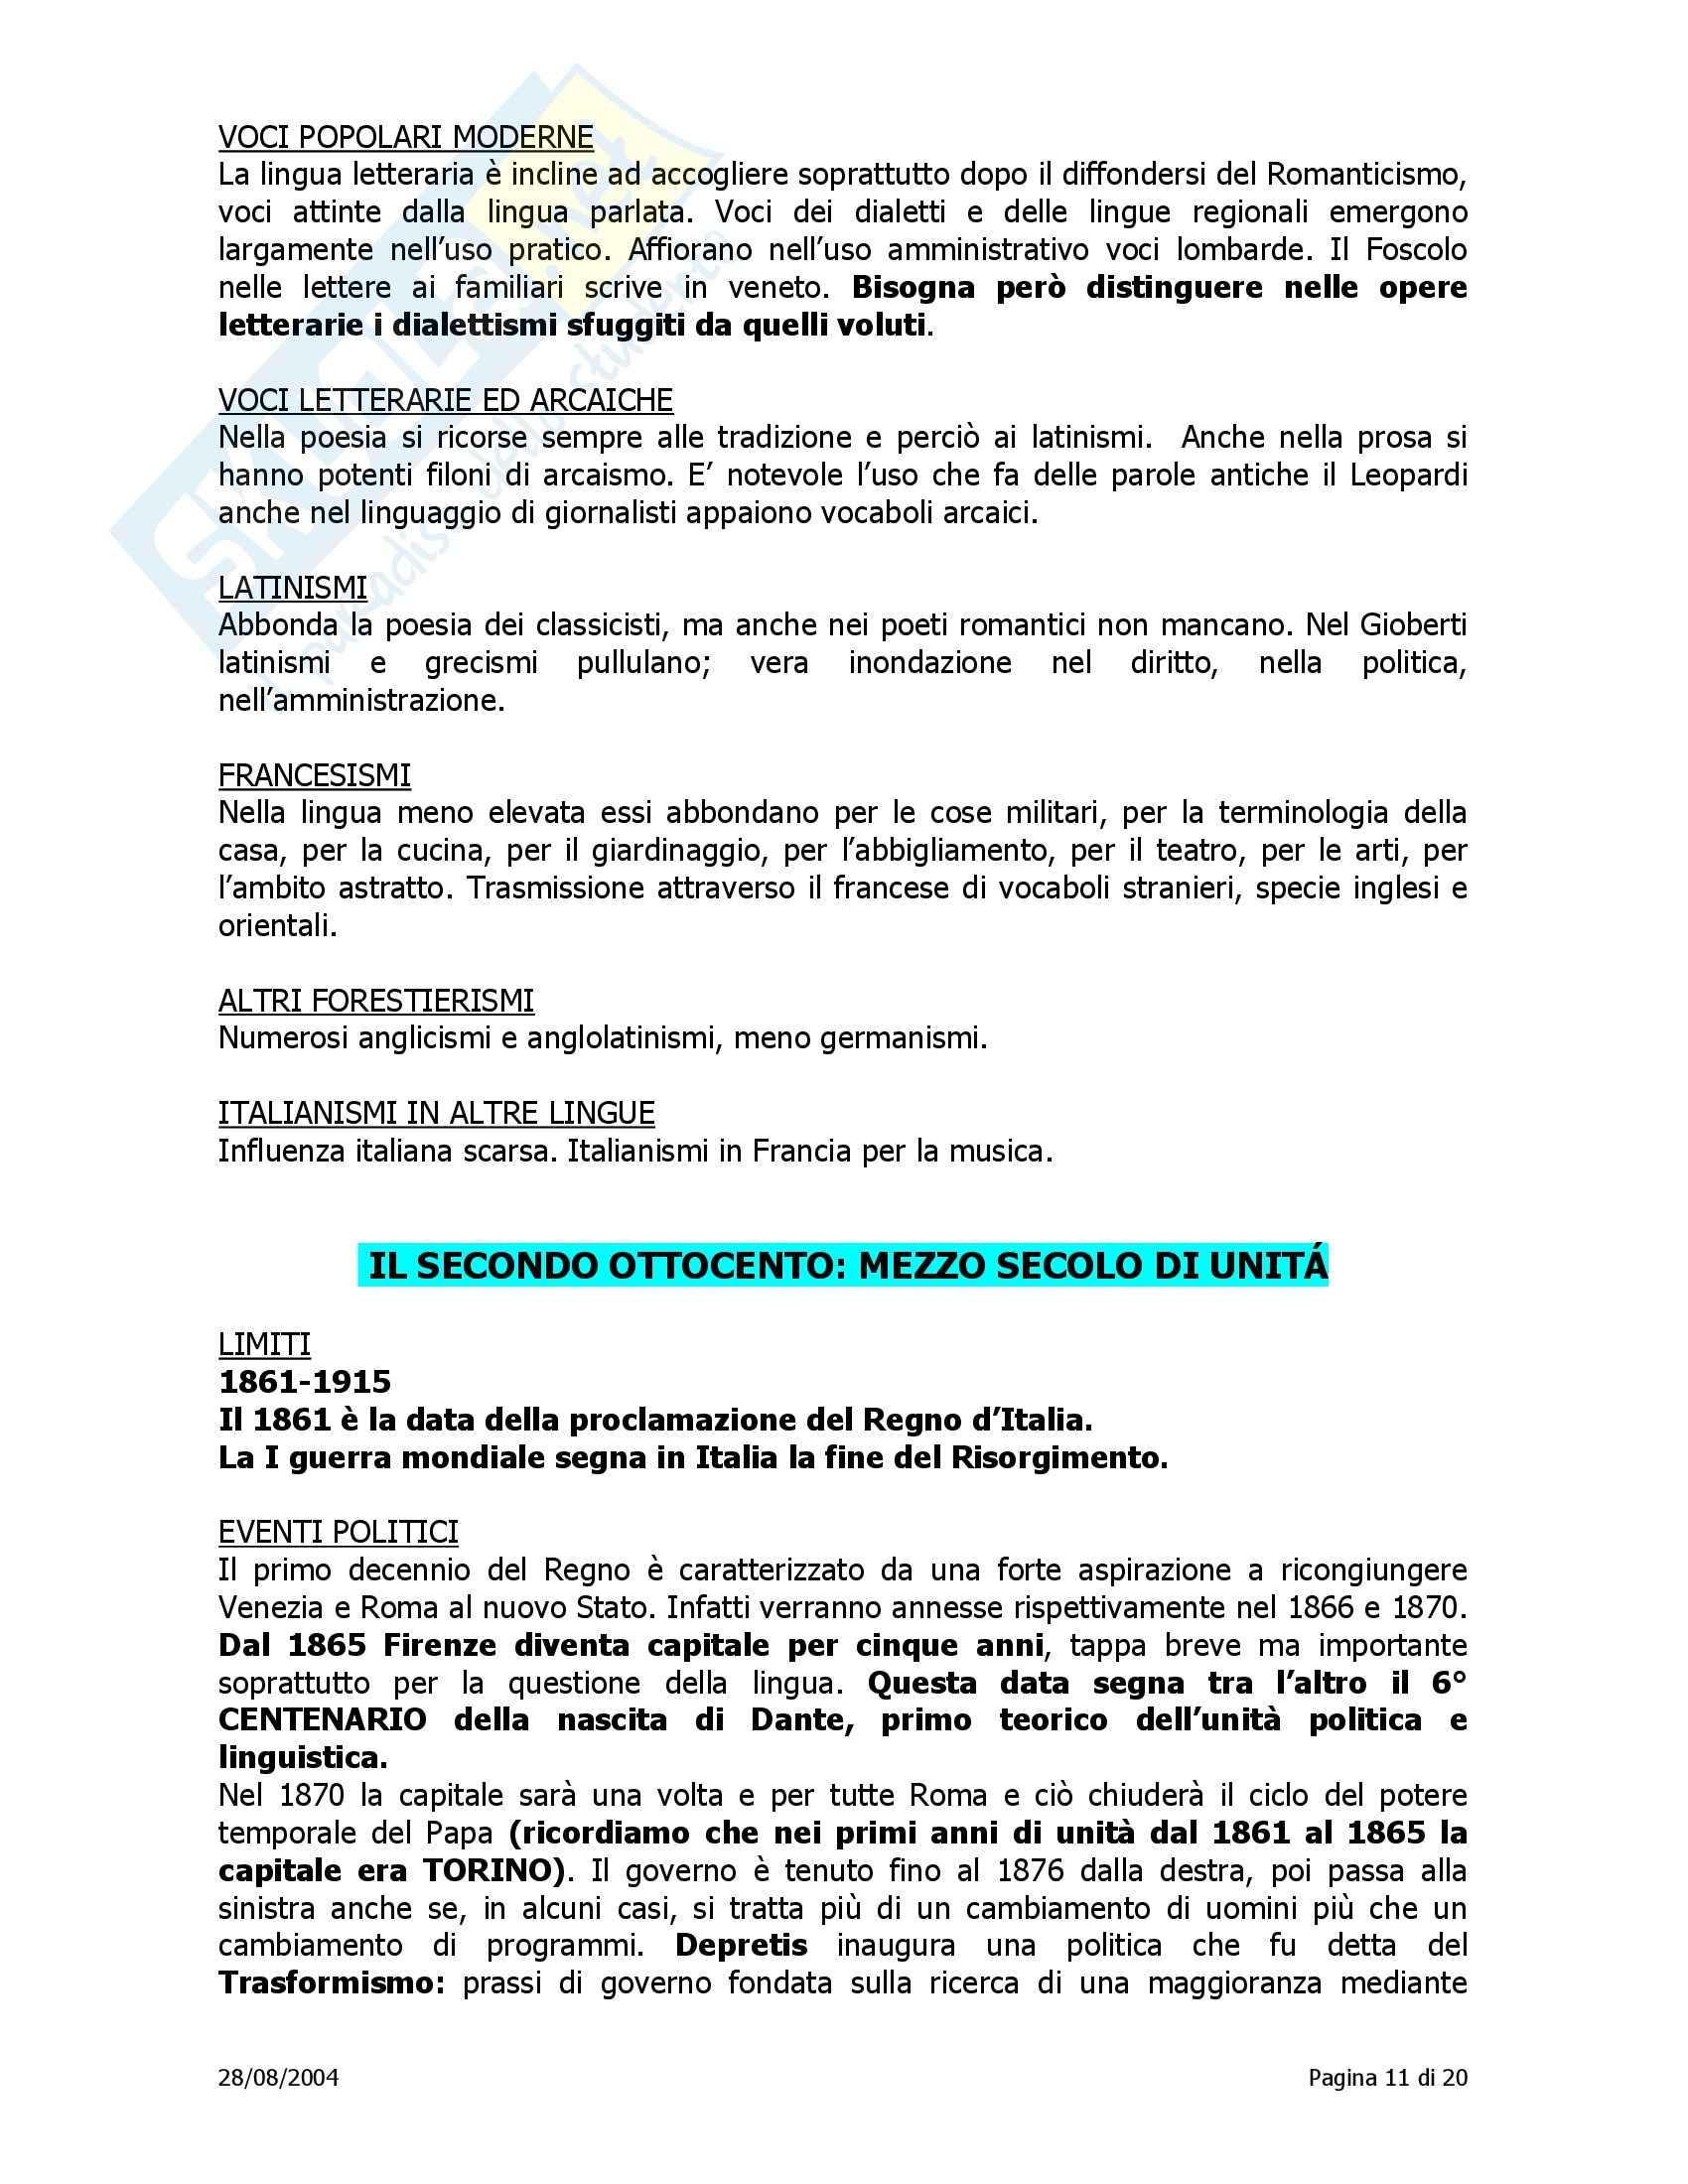 Tecniche espressive e composizioni in Italiano - Storia della lingua italiana Pag. 11